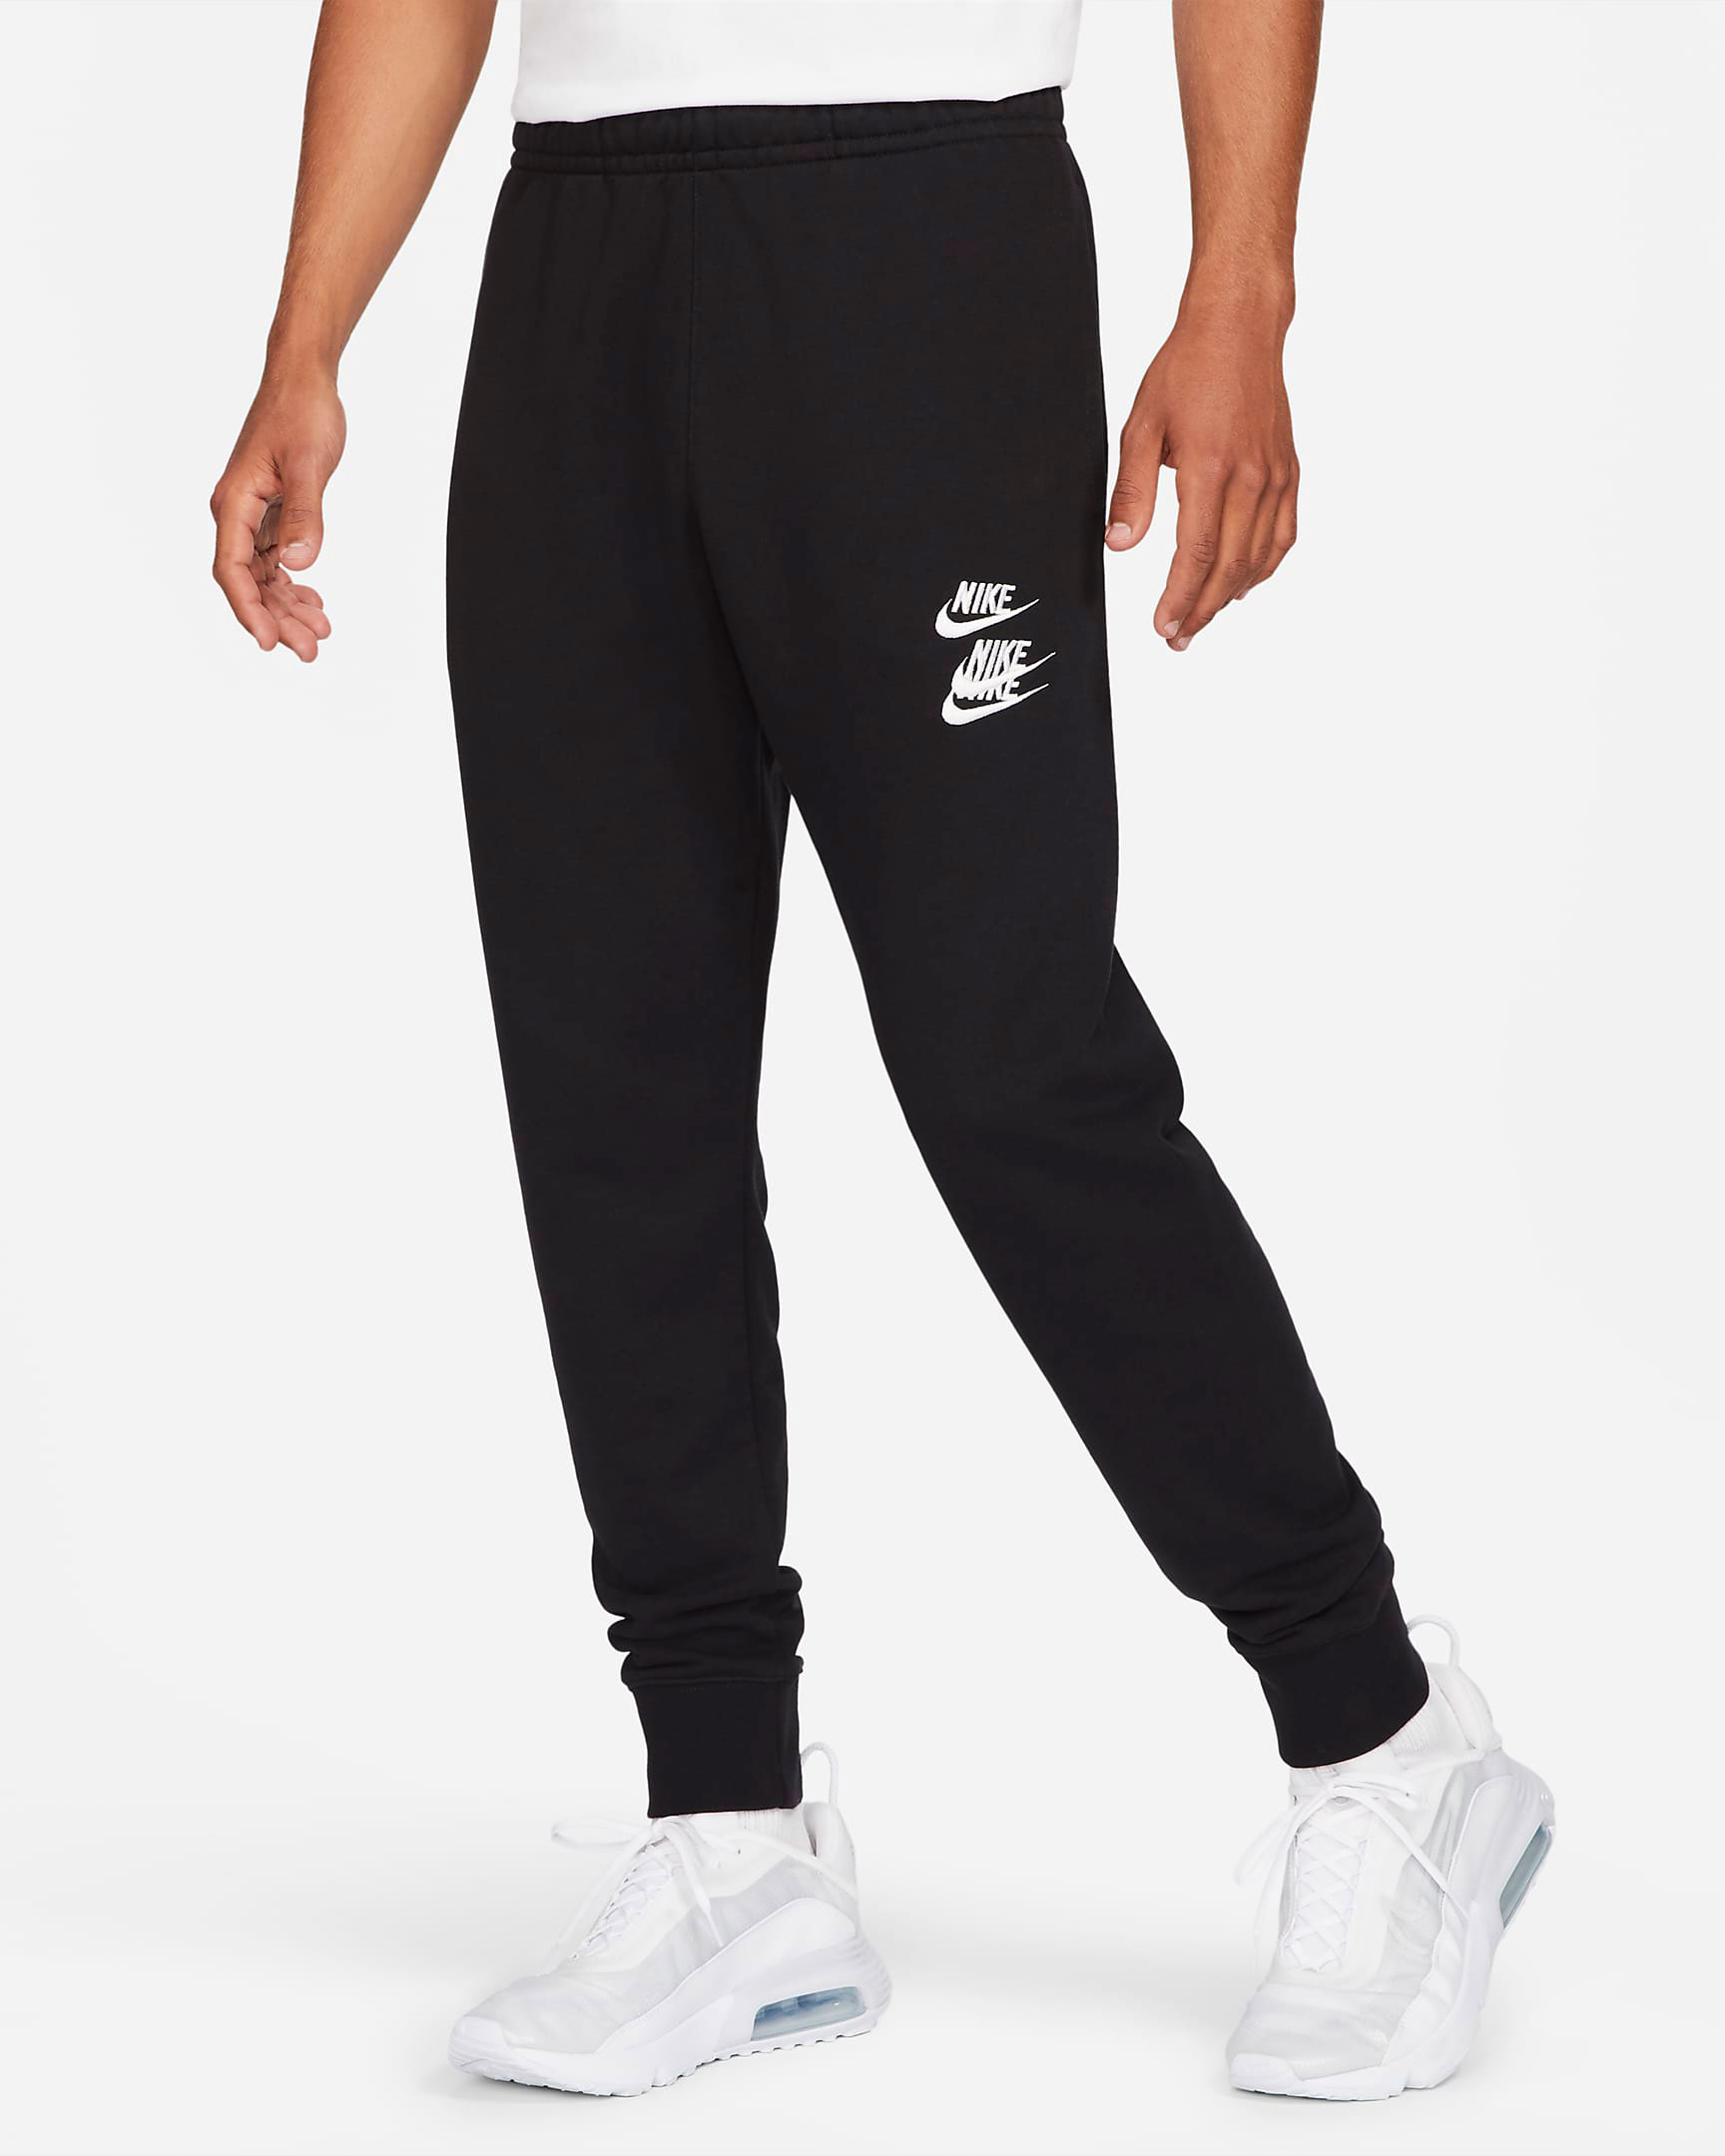 nike-world-tour-jogger-pants-black-1